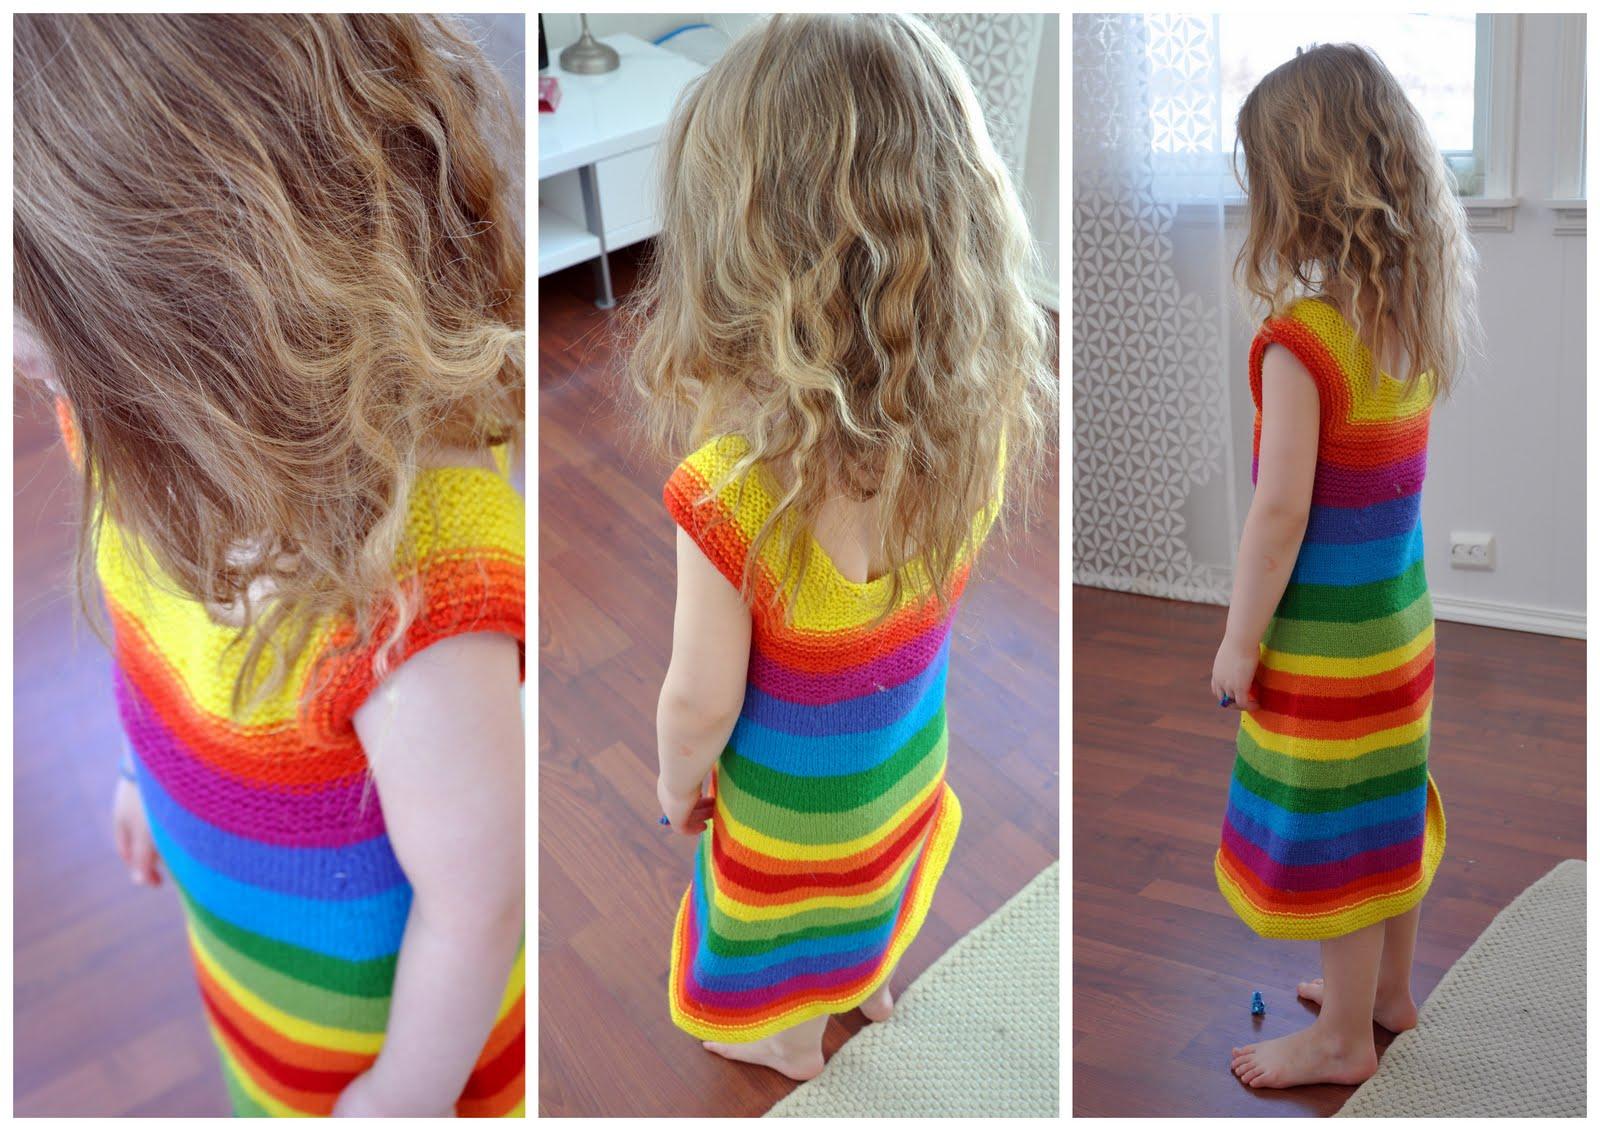 2255691f Har strikket på denne kjolen siden september. Og det har gått trått. Med  ikke-så-tykt-garn og ikke-så-store-pinner så ligger det vell 50 000 masker  i denne ...